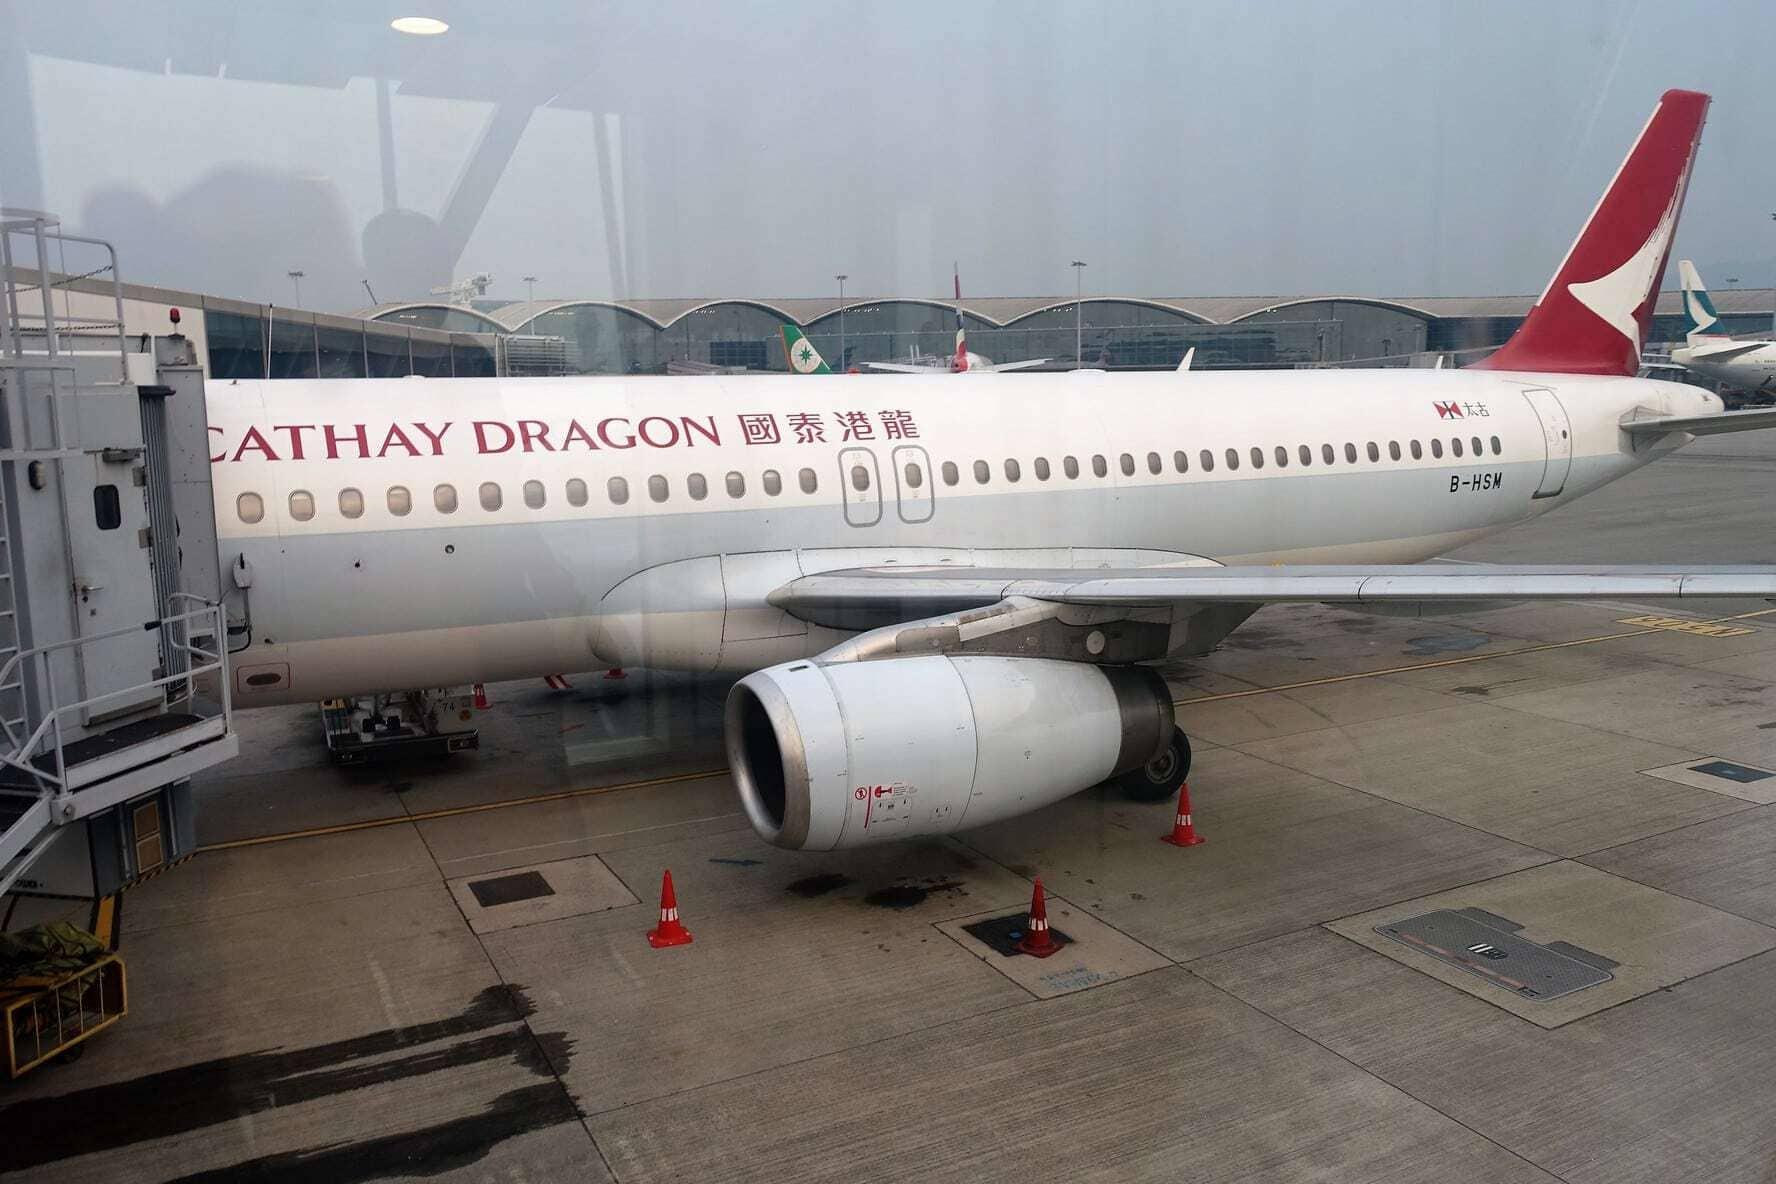 cathay dragon hkg han 23